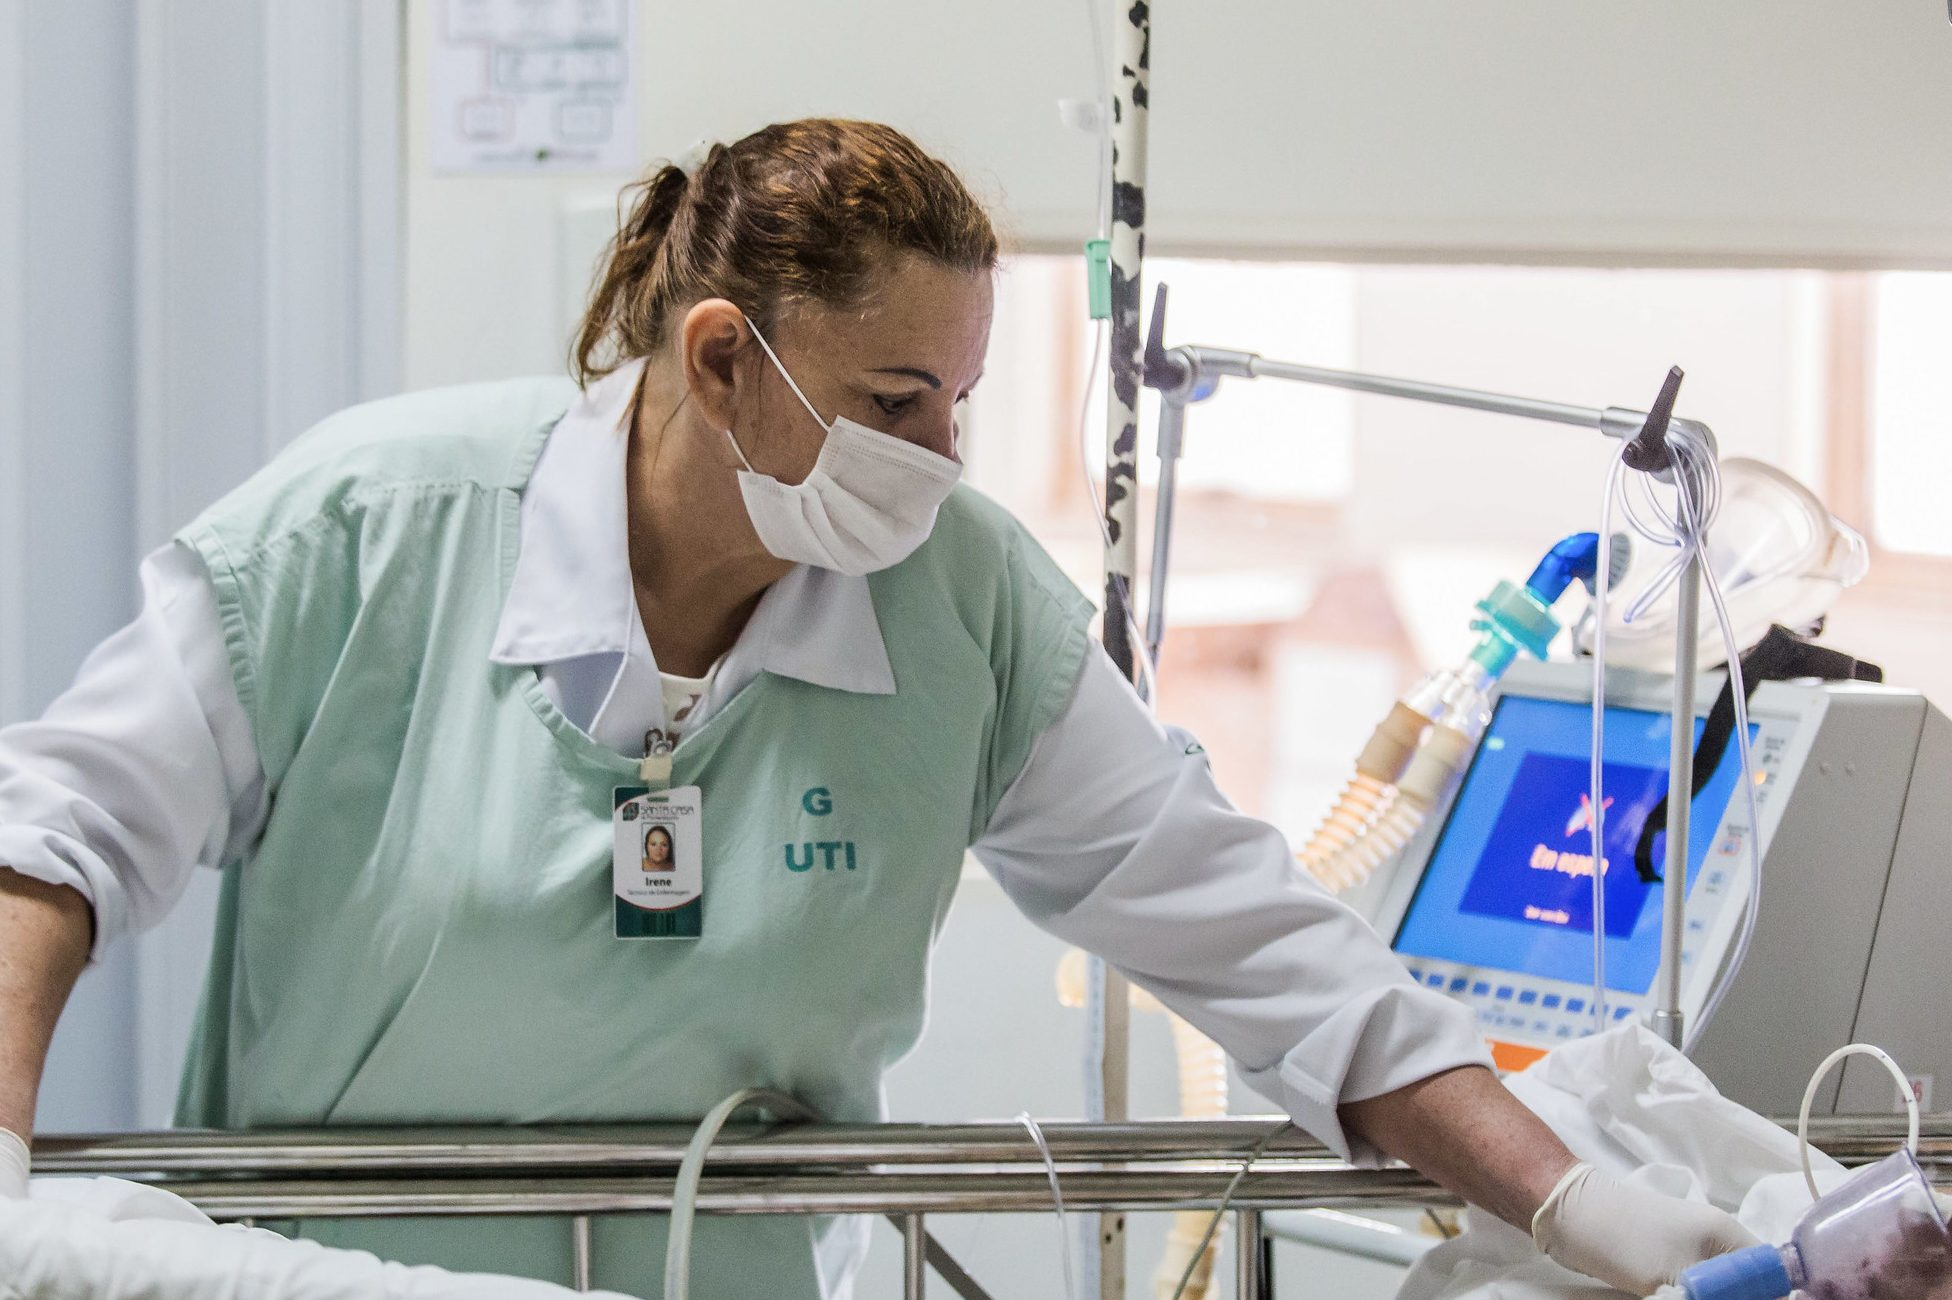 Saúde - hospitais - UTI pacientes doenças enfermagem internação enfermeiros